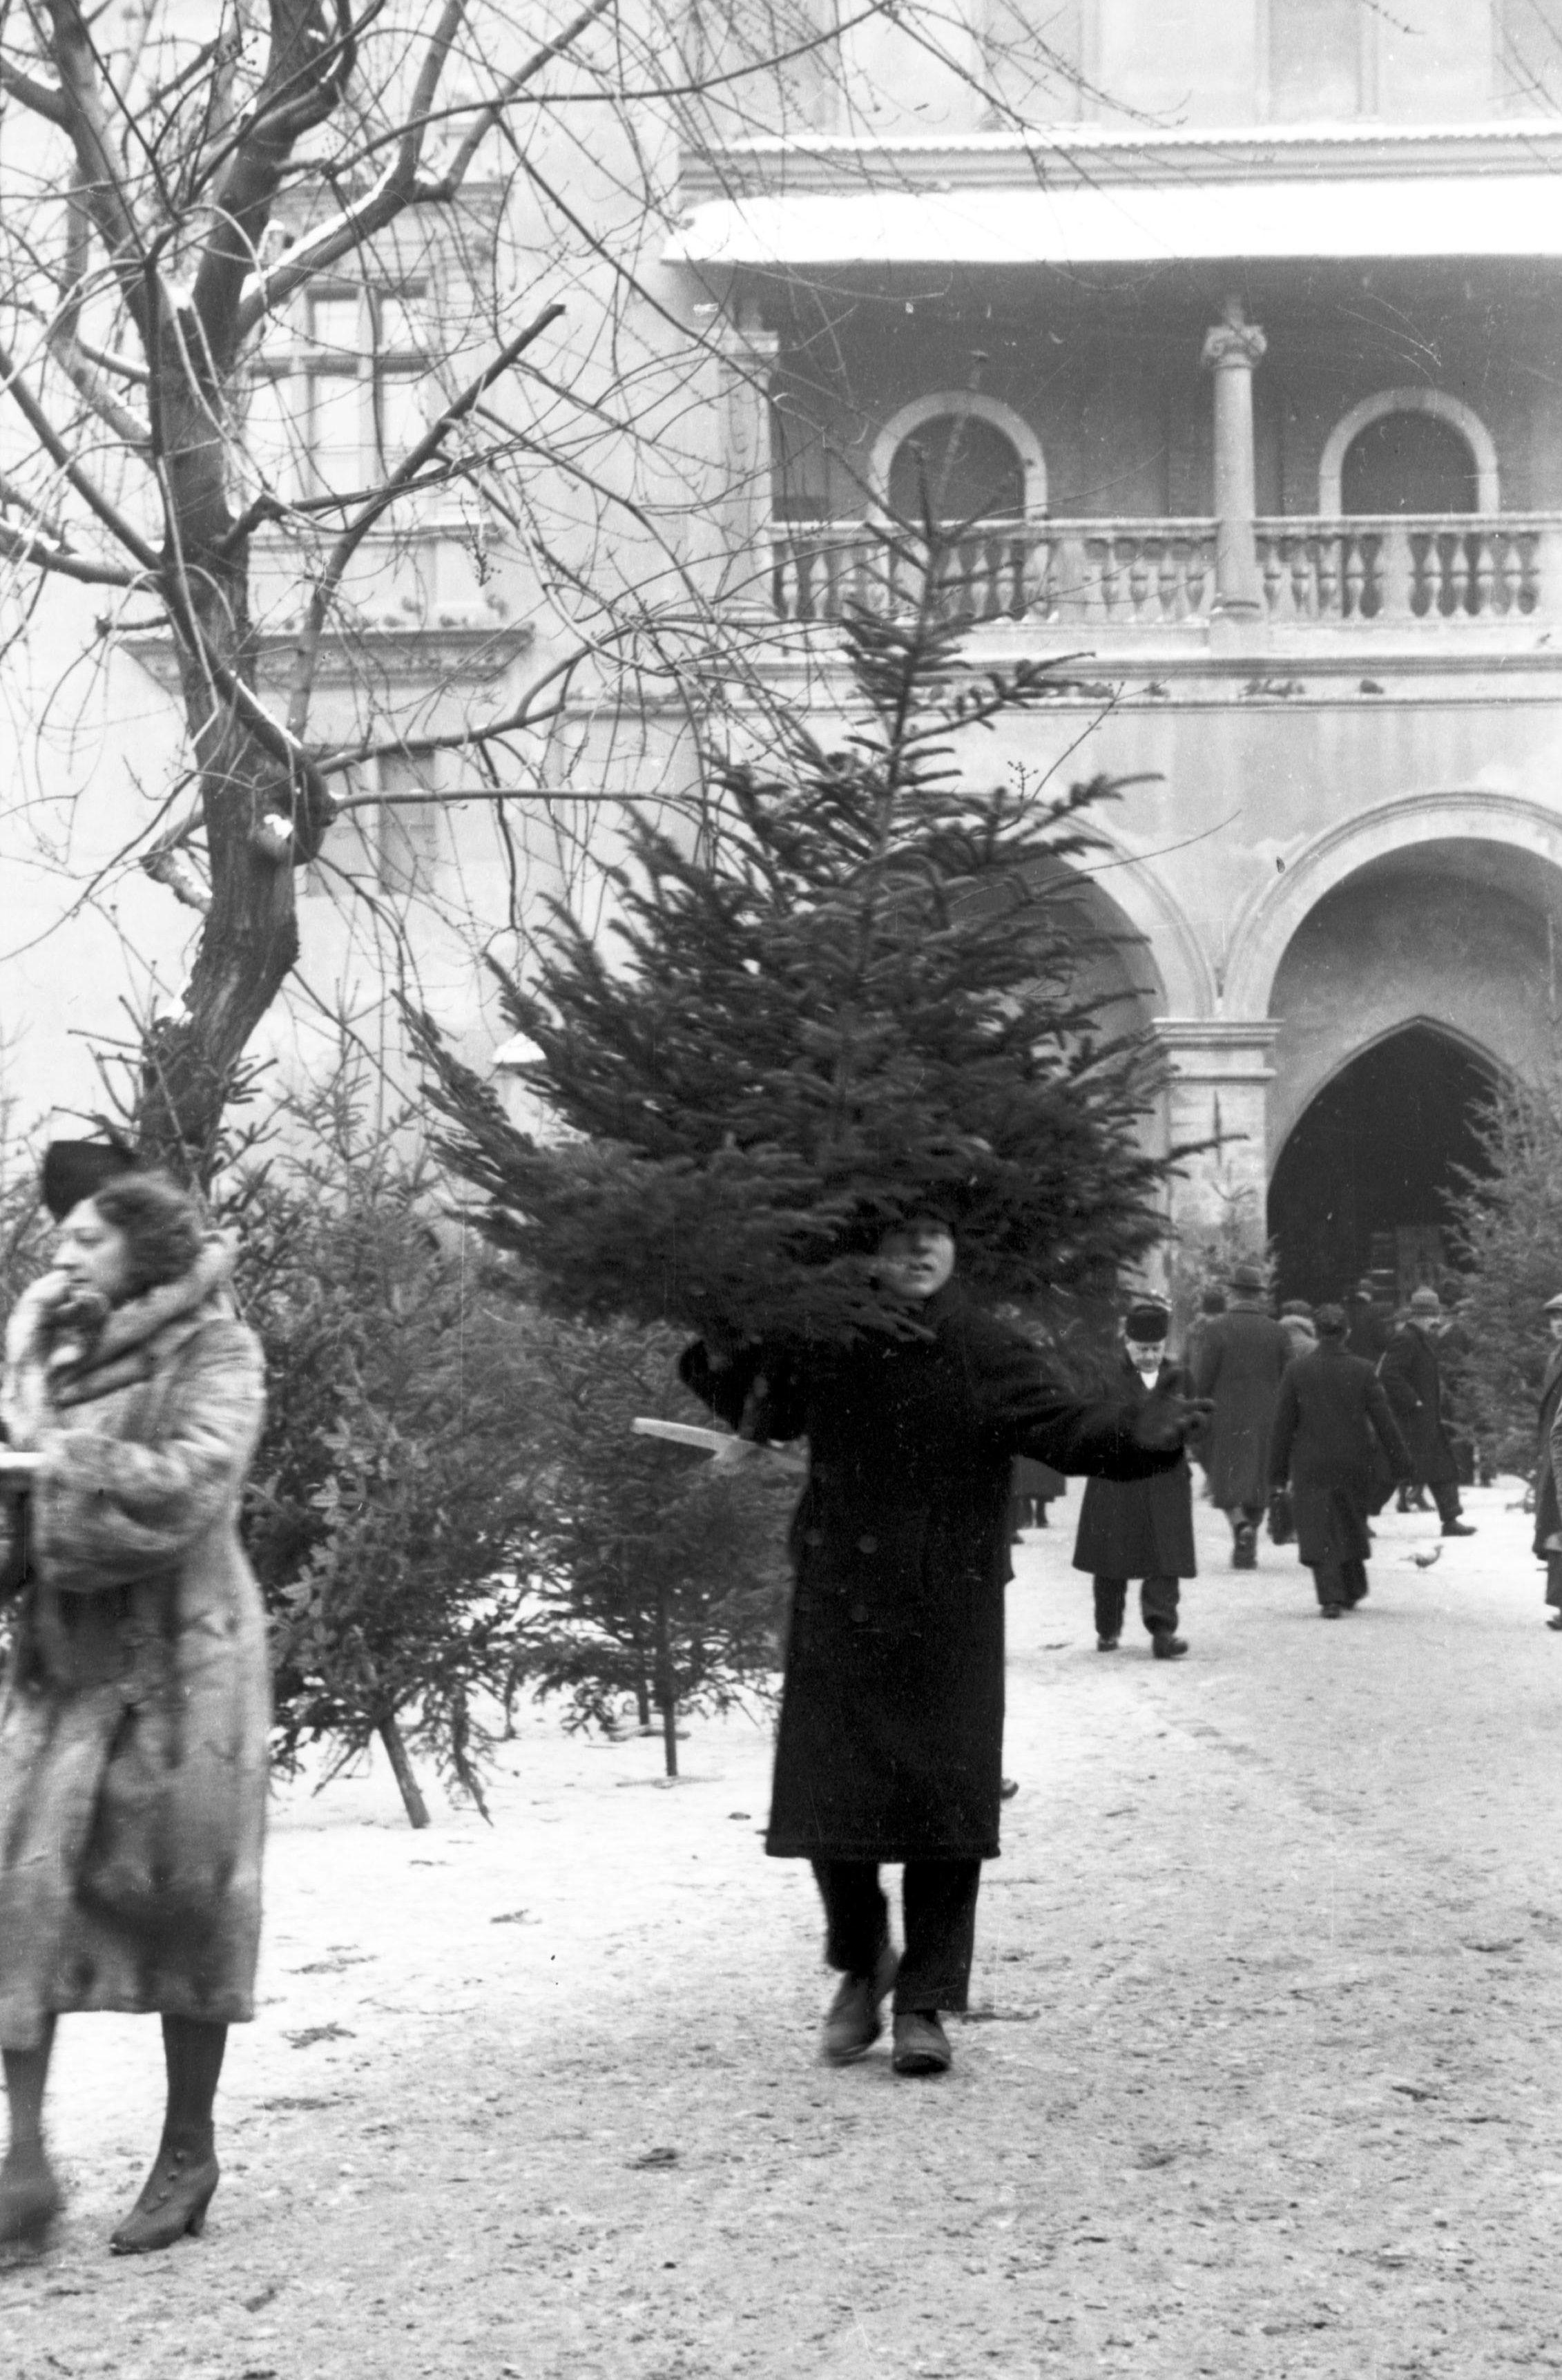 Choinka już kupiona. Zdjęcie z krakowskiego Rynku z roku 1932 (fot. NAC, domena publiczna)